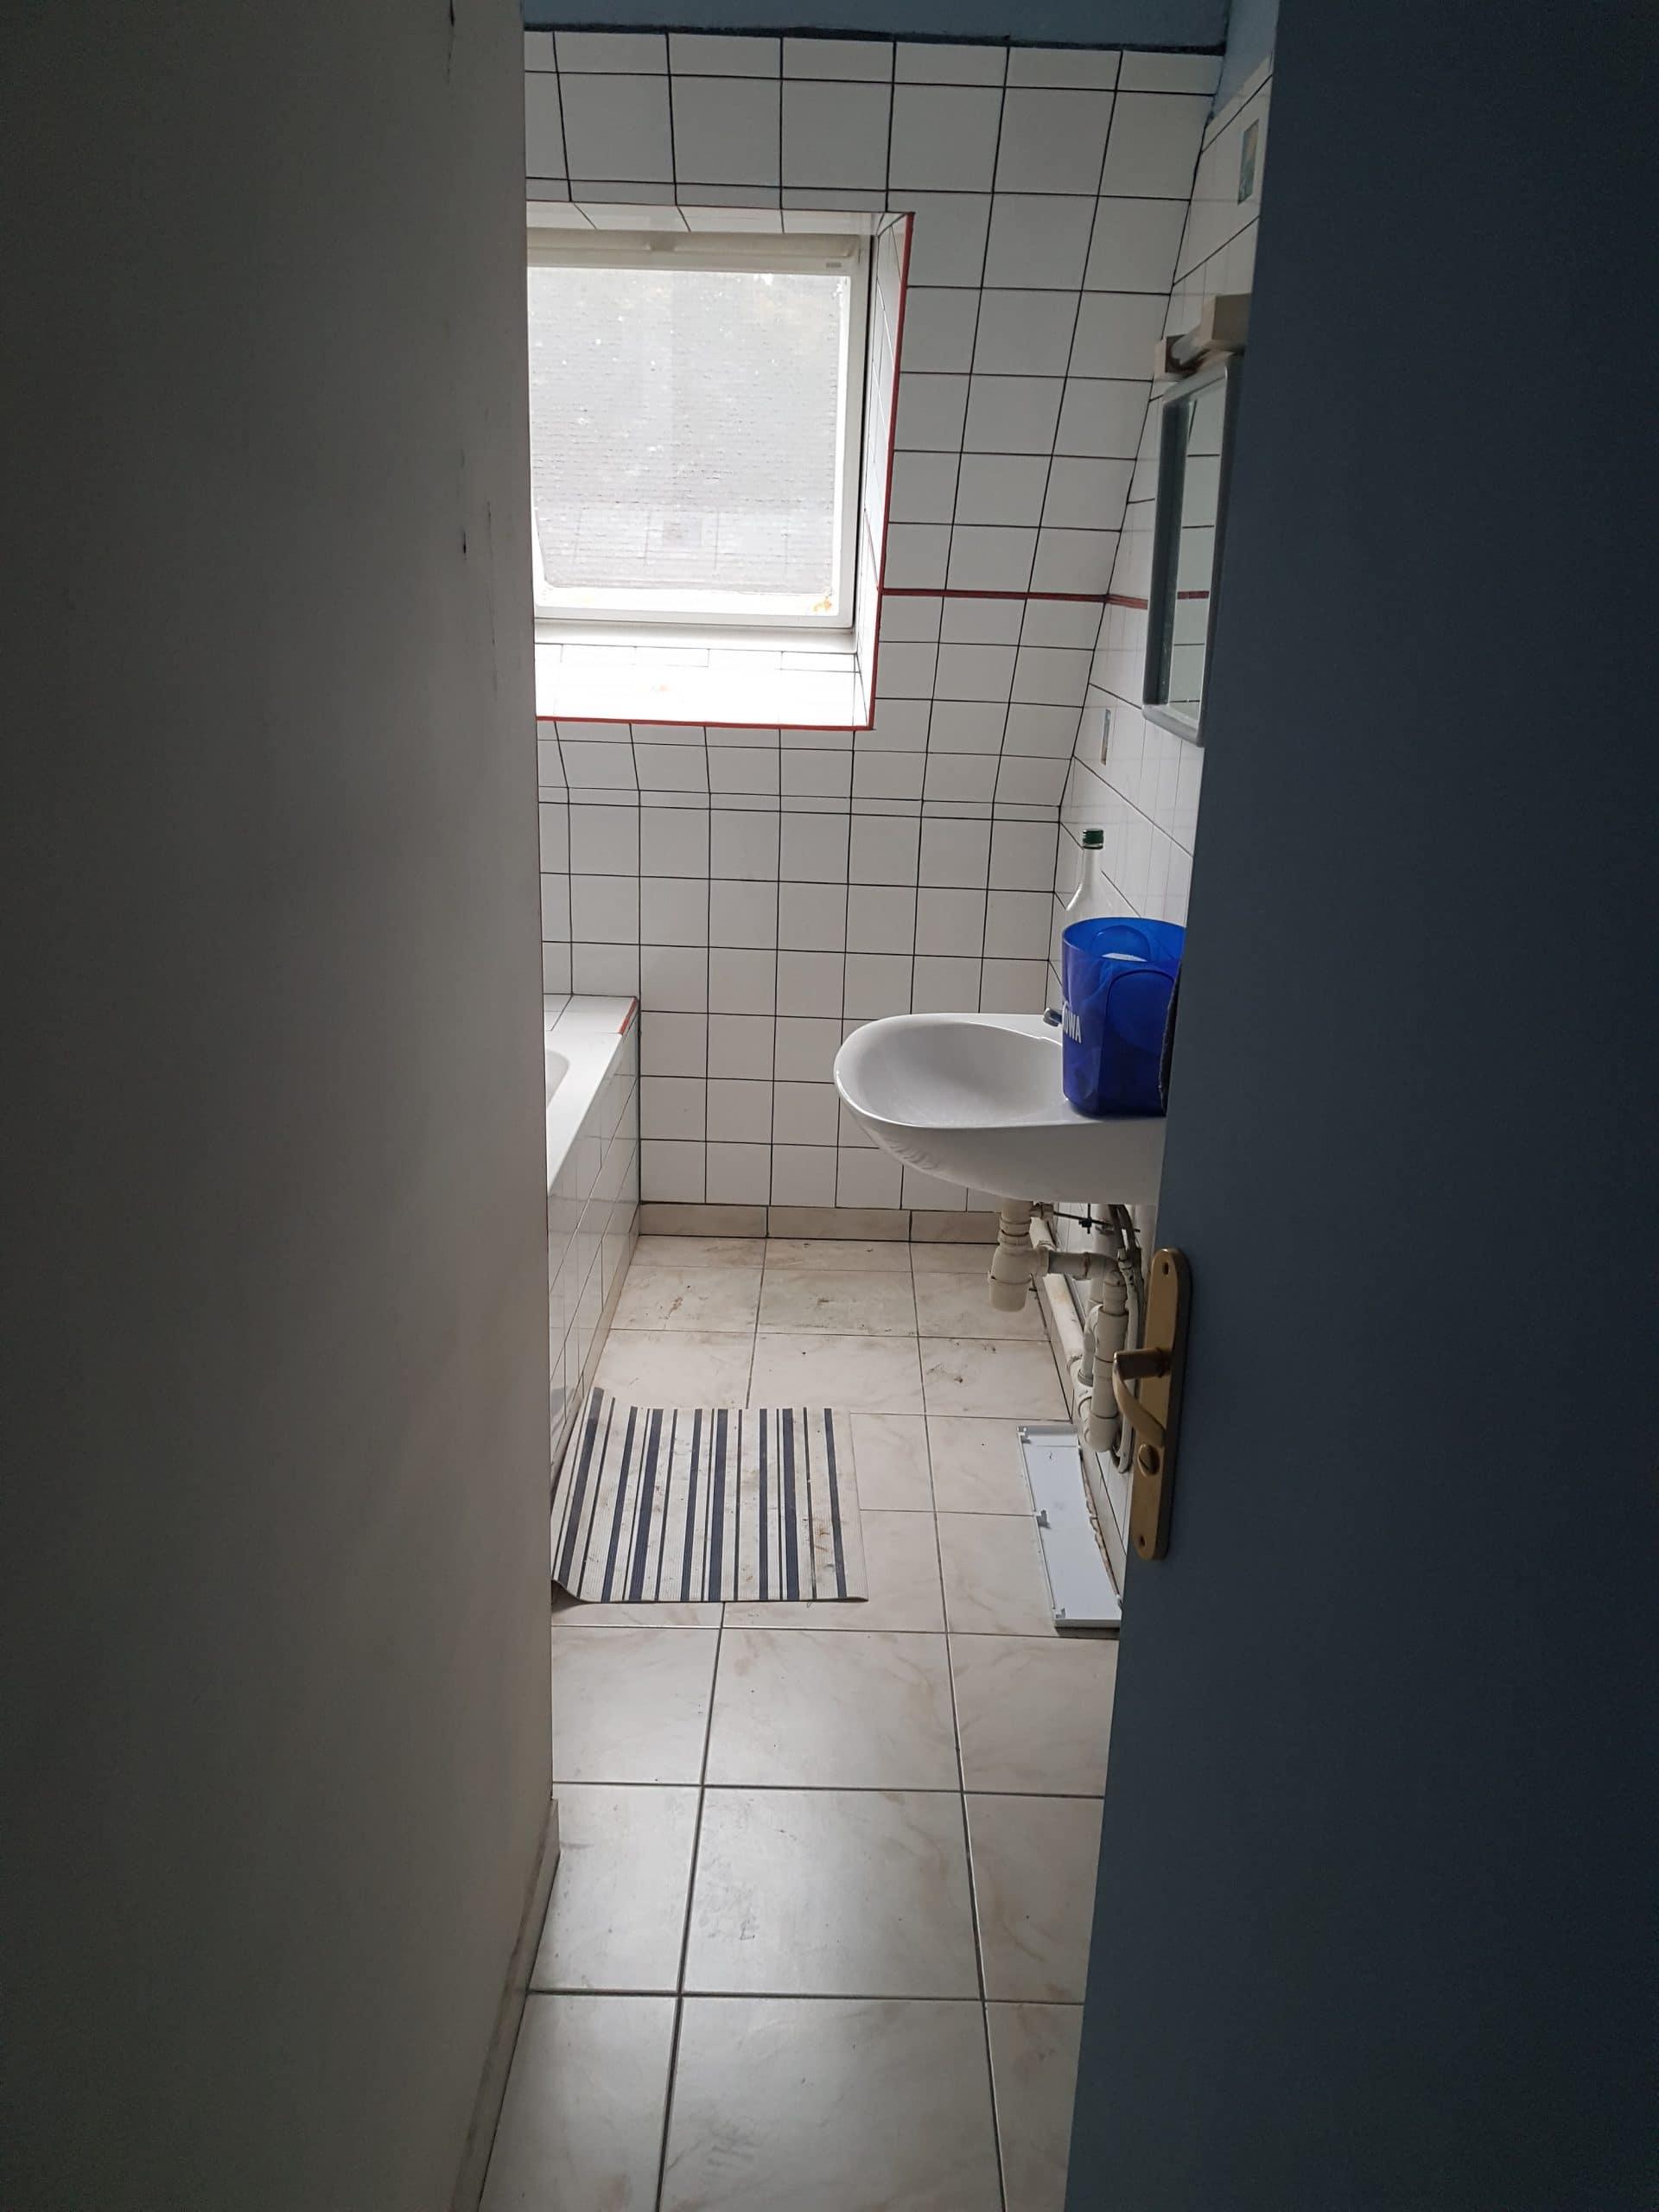 Rénovation intégrale d'une salle de bain à Lanester (56)